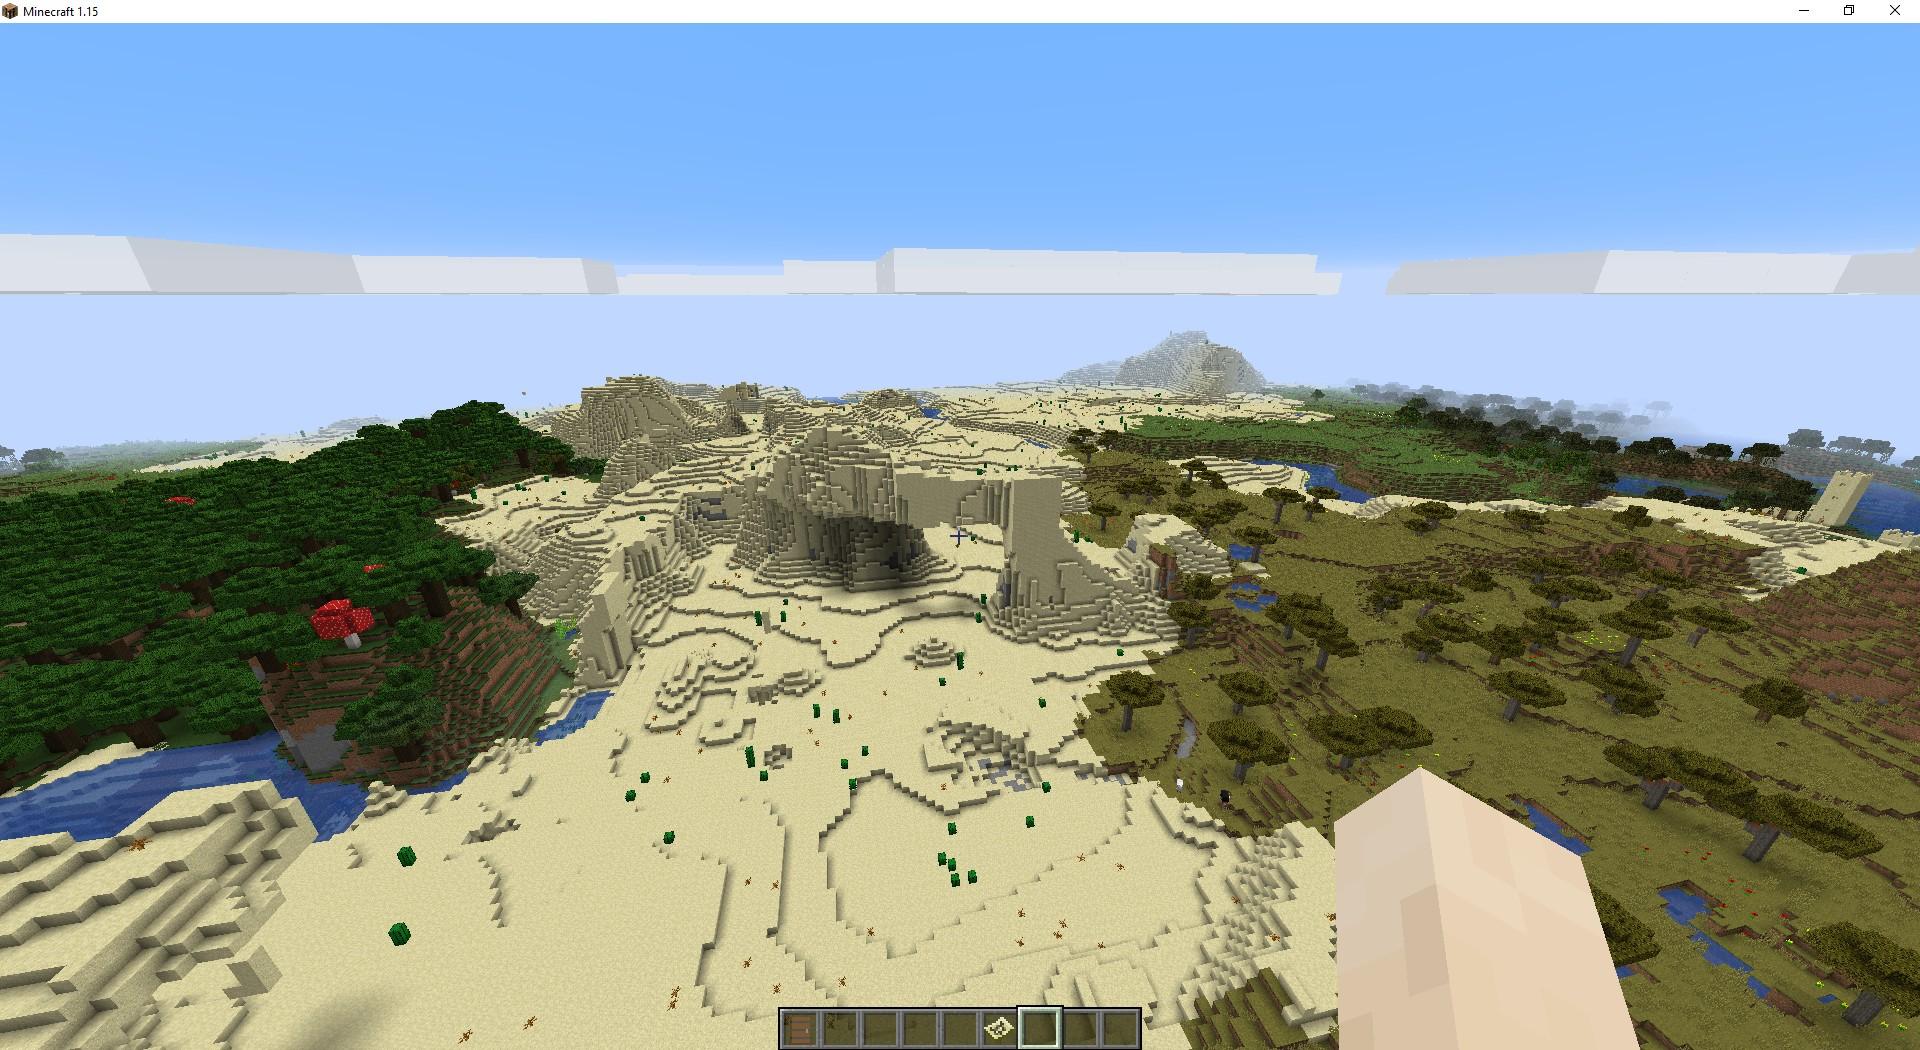 Сид «Деревня в пустыне и корабль» - скриншот 11